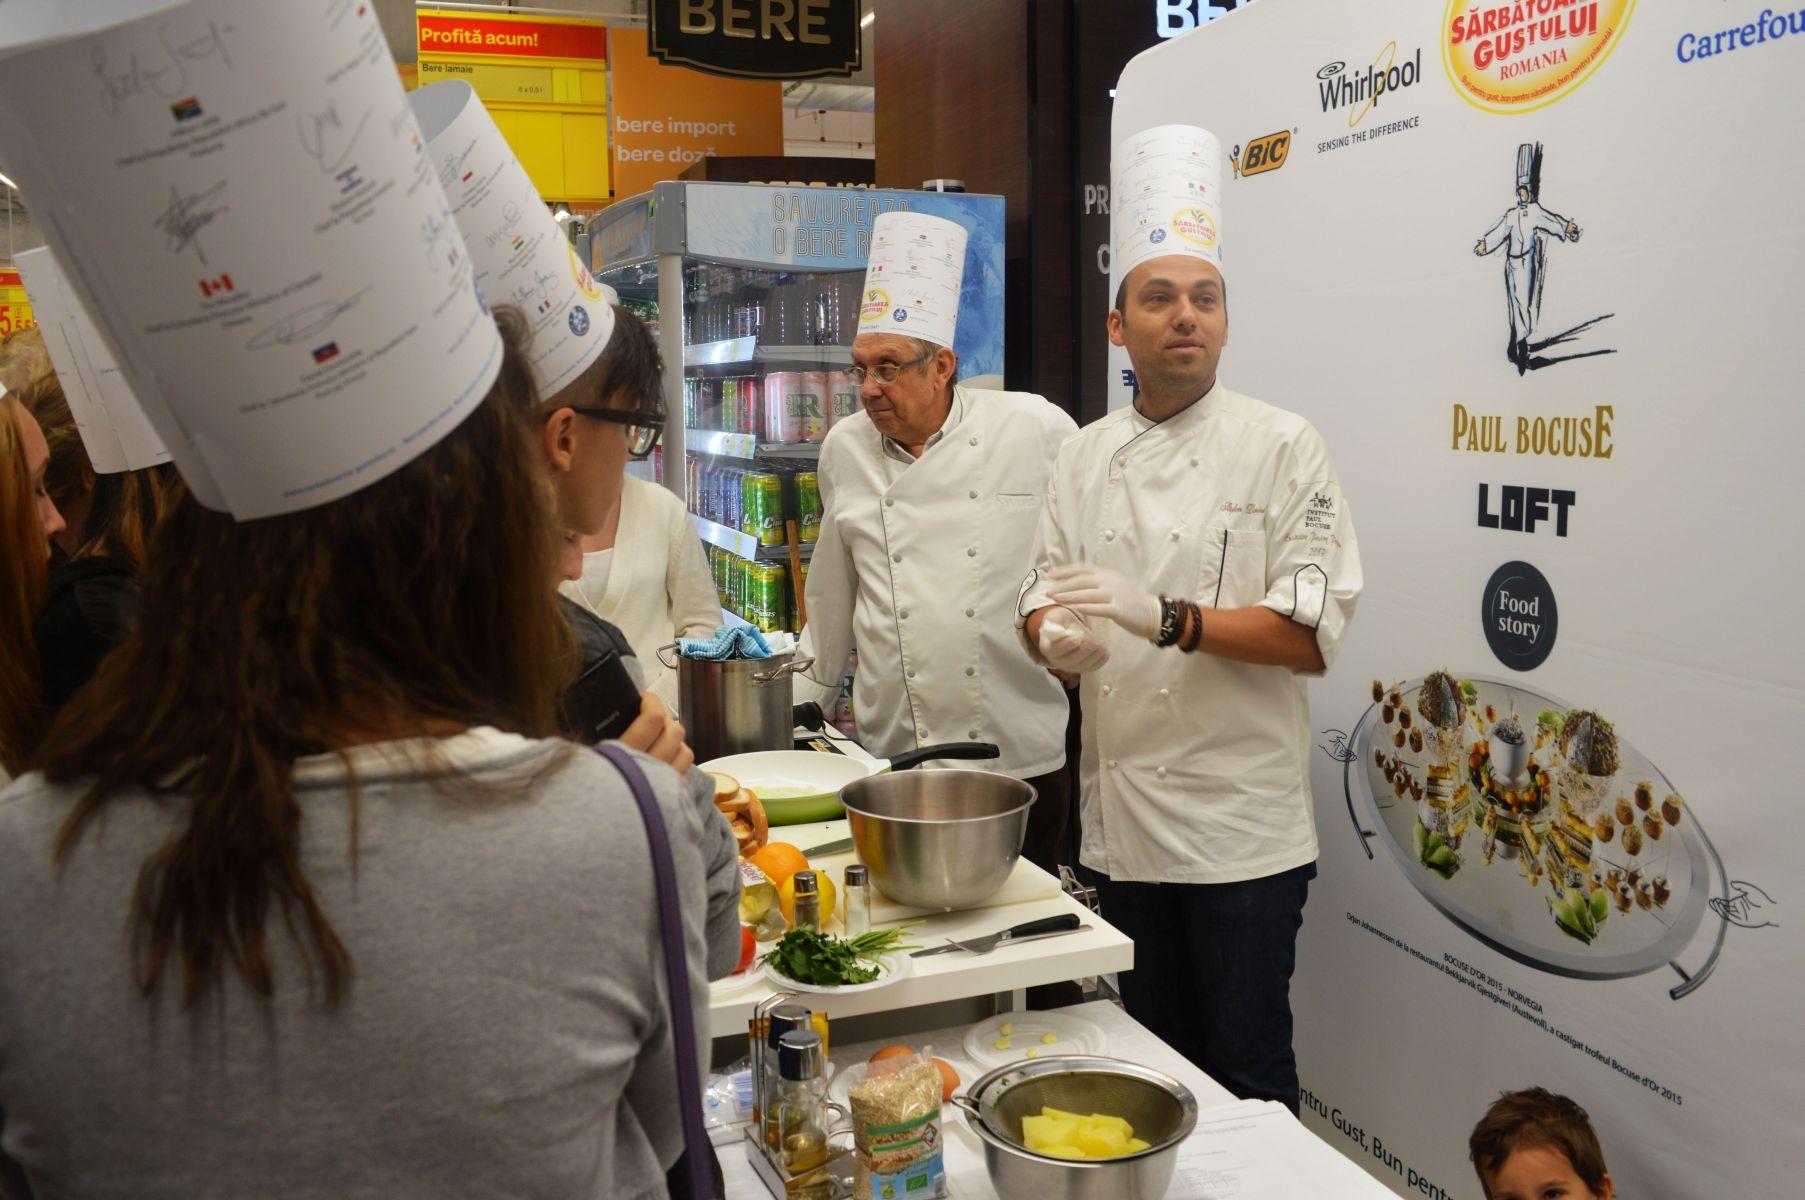 Atelier_Culinar_Sarbatoarea_Gustului_Carrefour_MegaMall_Atelier_Educational_12